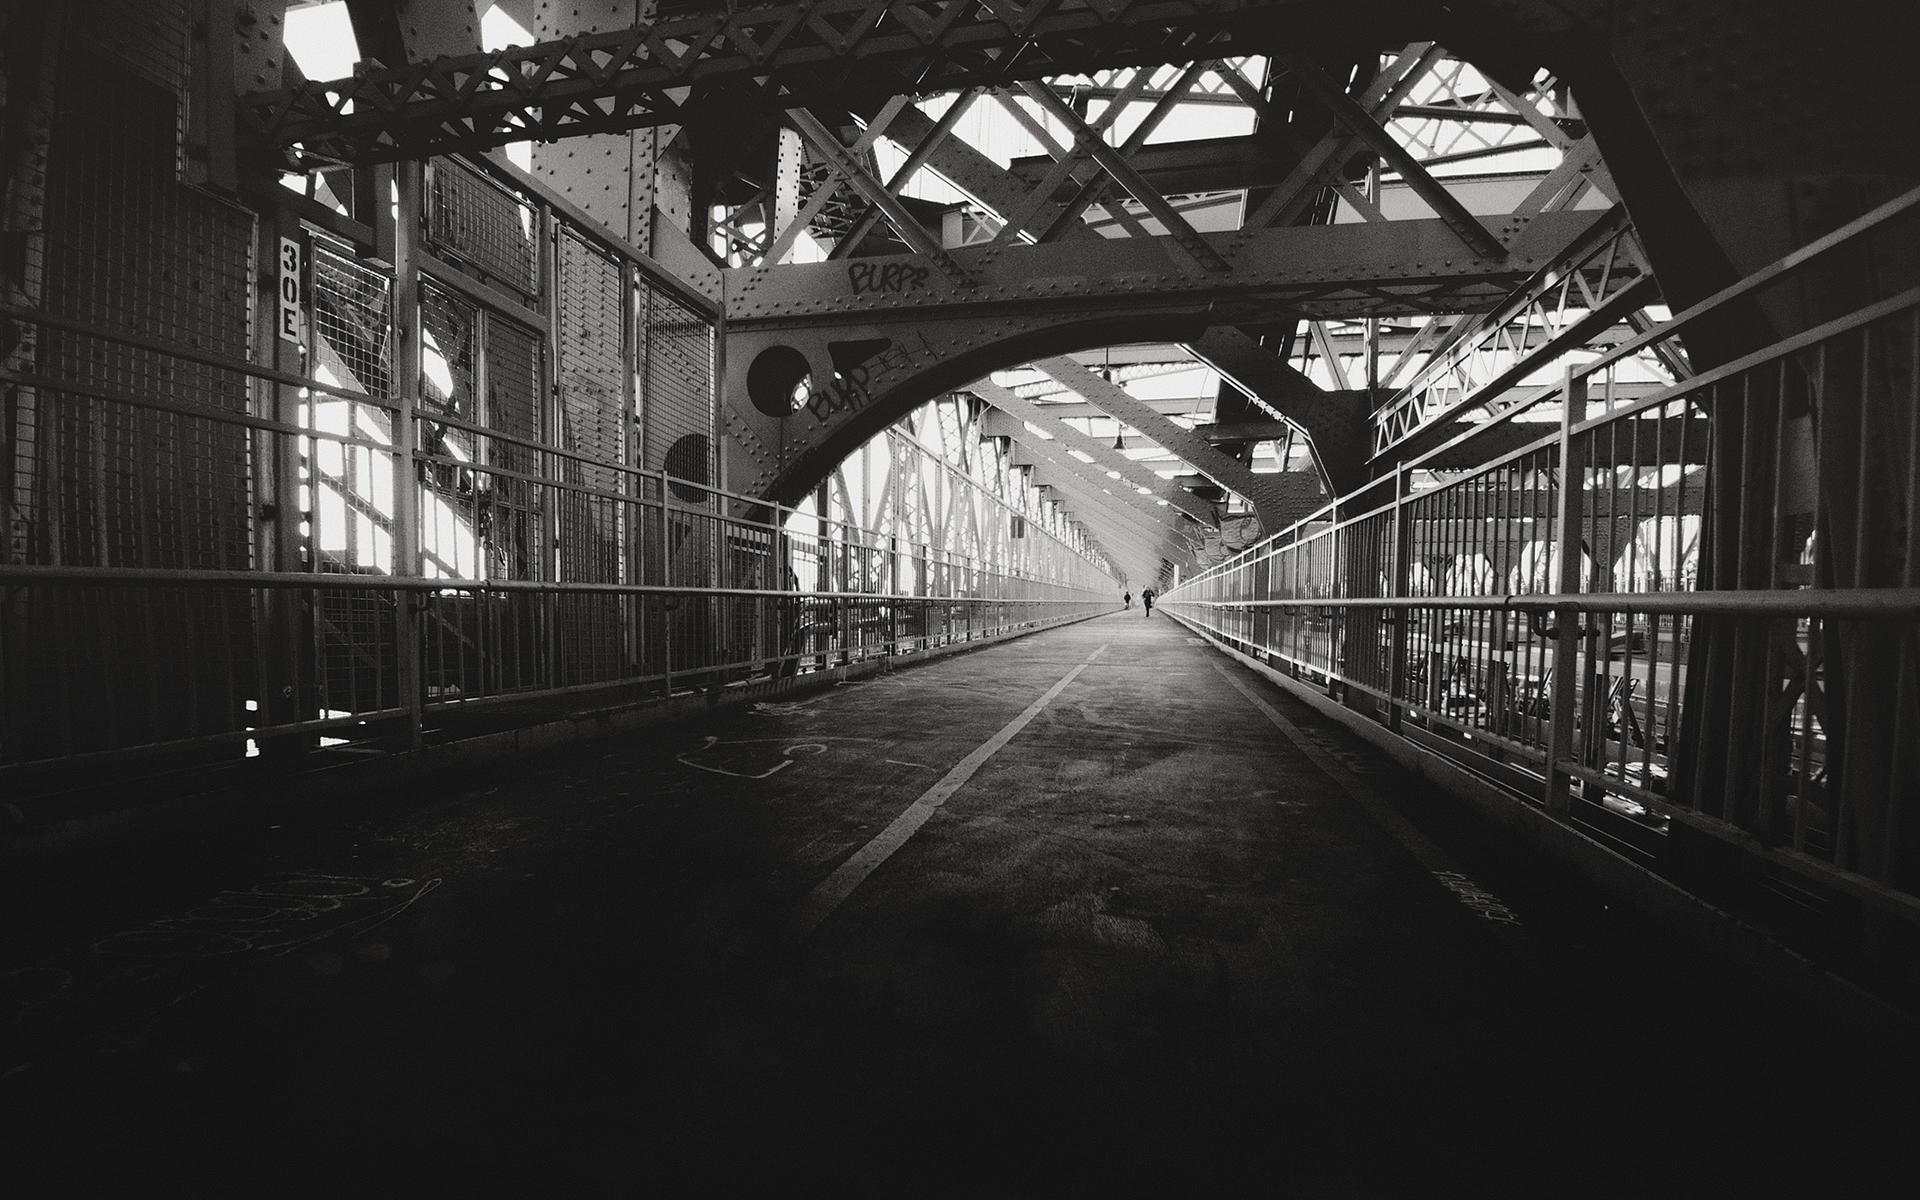 Bridge Bw Beams Metal Path Trail Black White Sidewalk Architecture ...